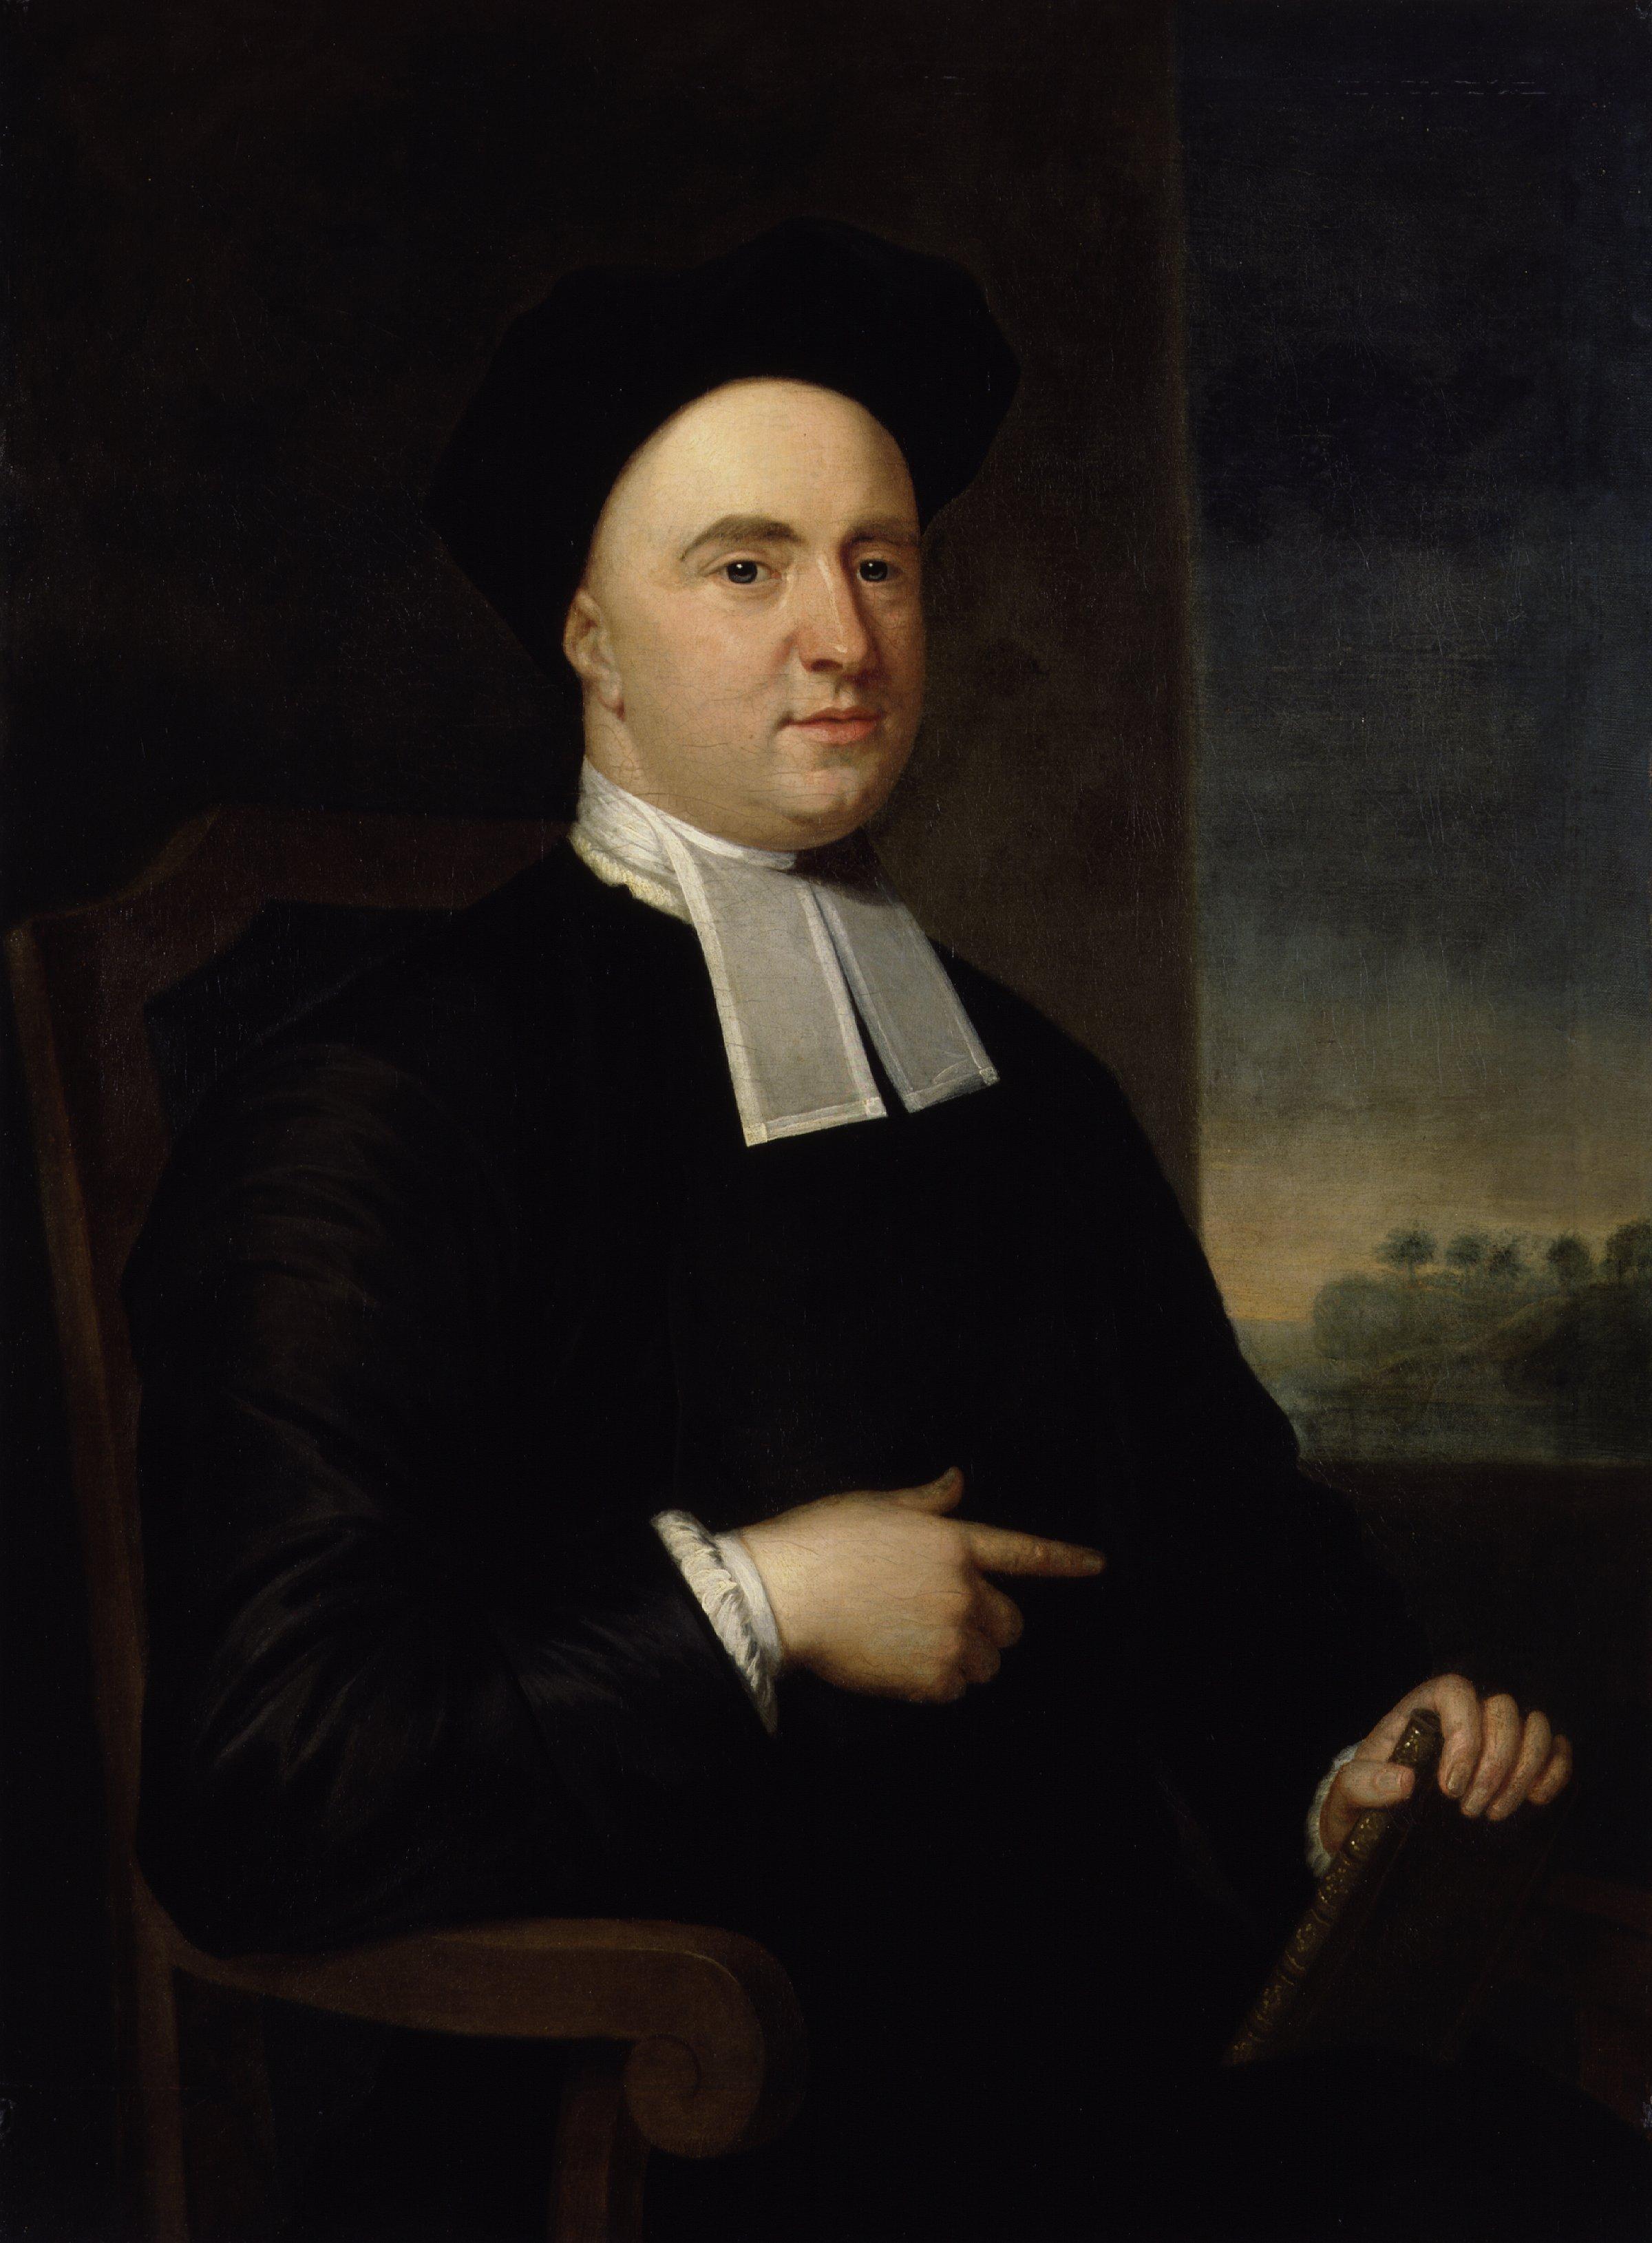 George Berkeley, Bishop of Cloyne, by John Smibert